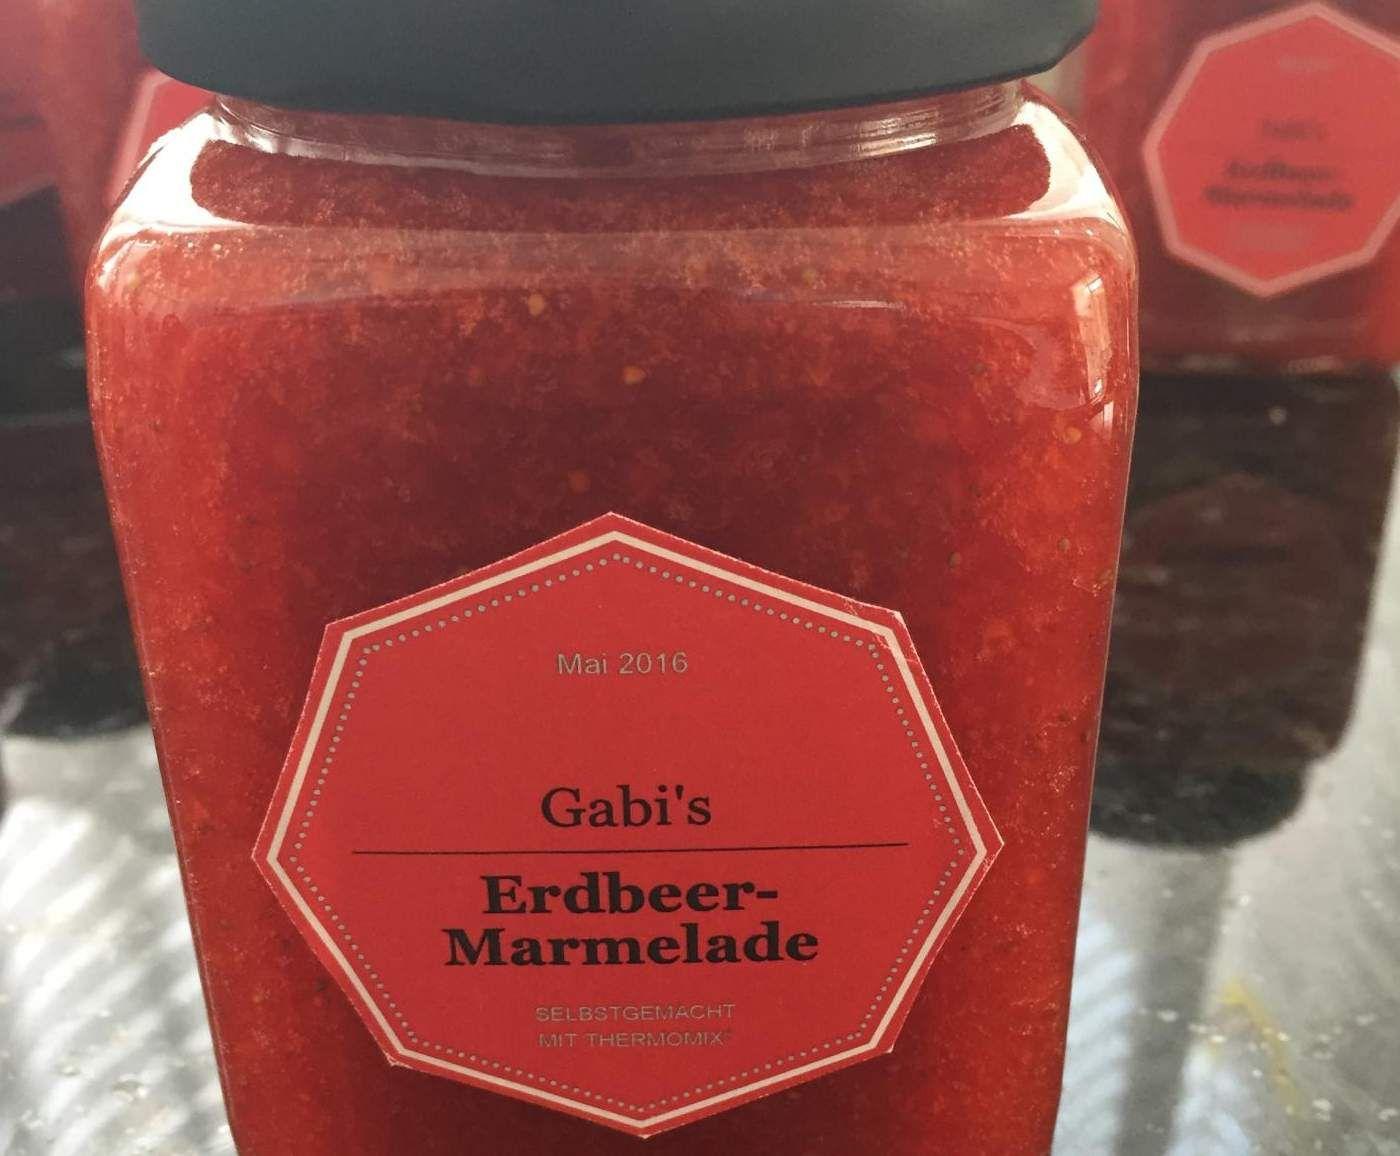 Rezept Gabi's Erdbeer-Marmelade ohne Stücke von uwepump - Rezept der Kategorie Saucen/Dips/Brotaufstriche